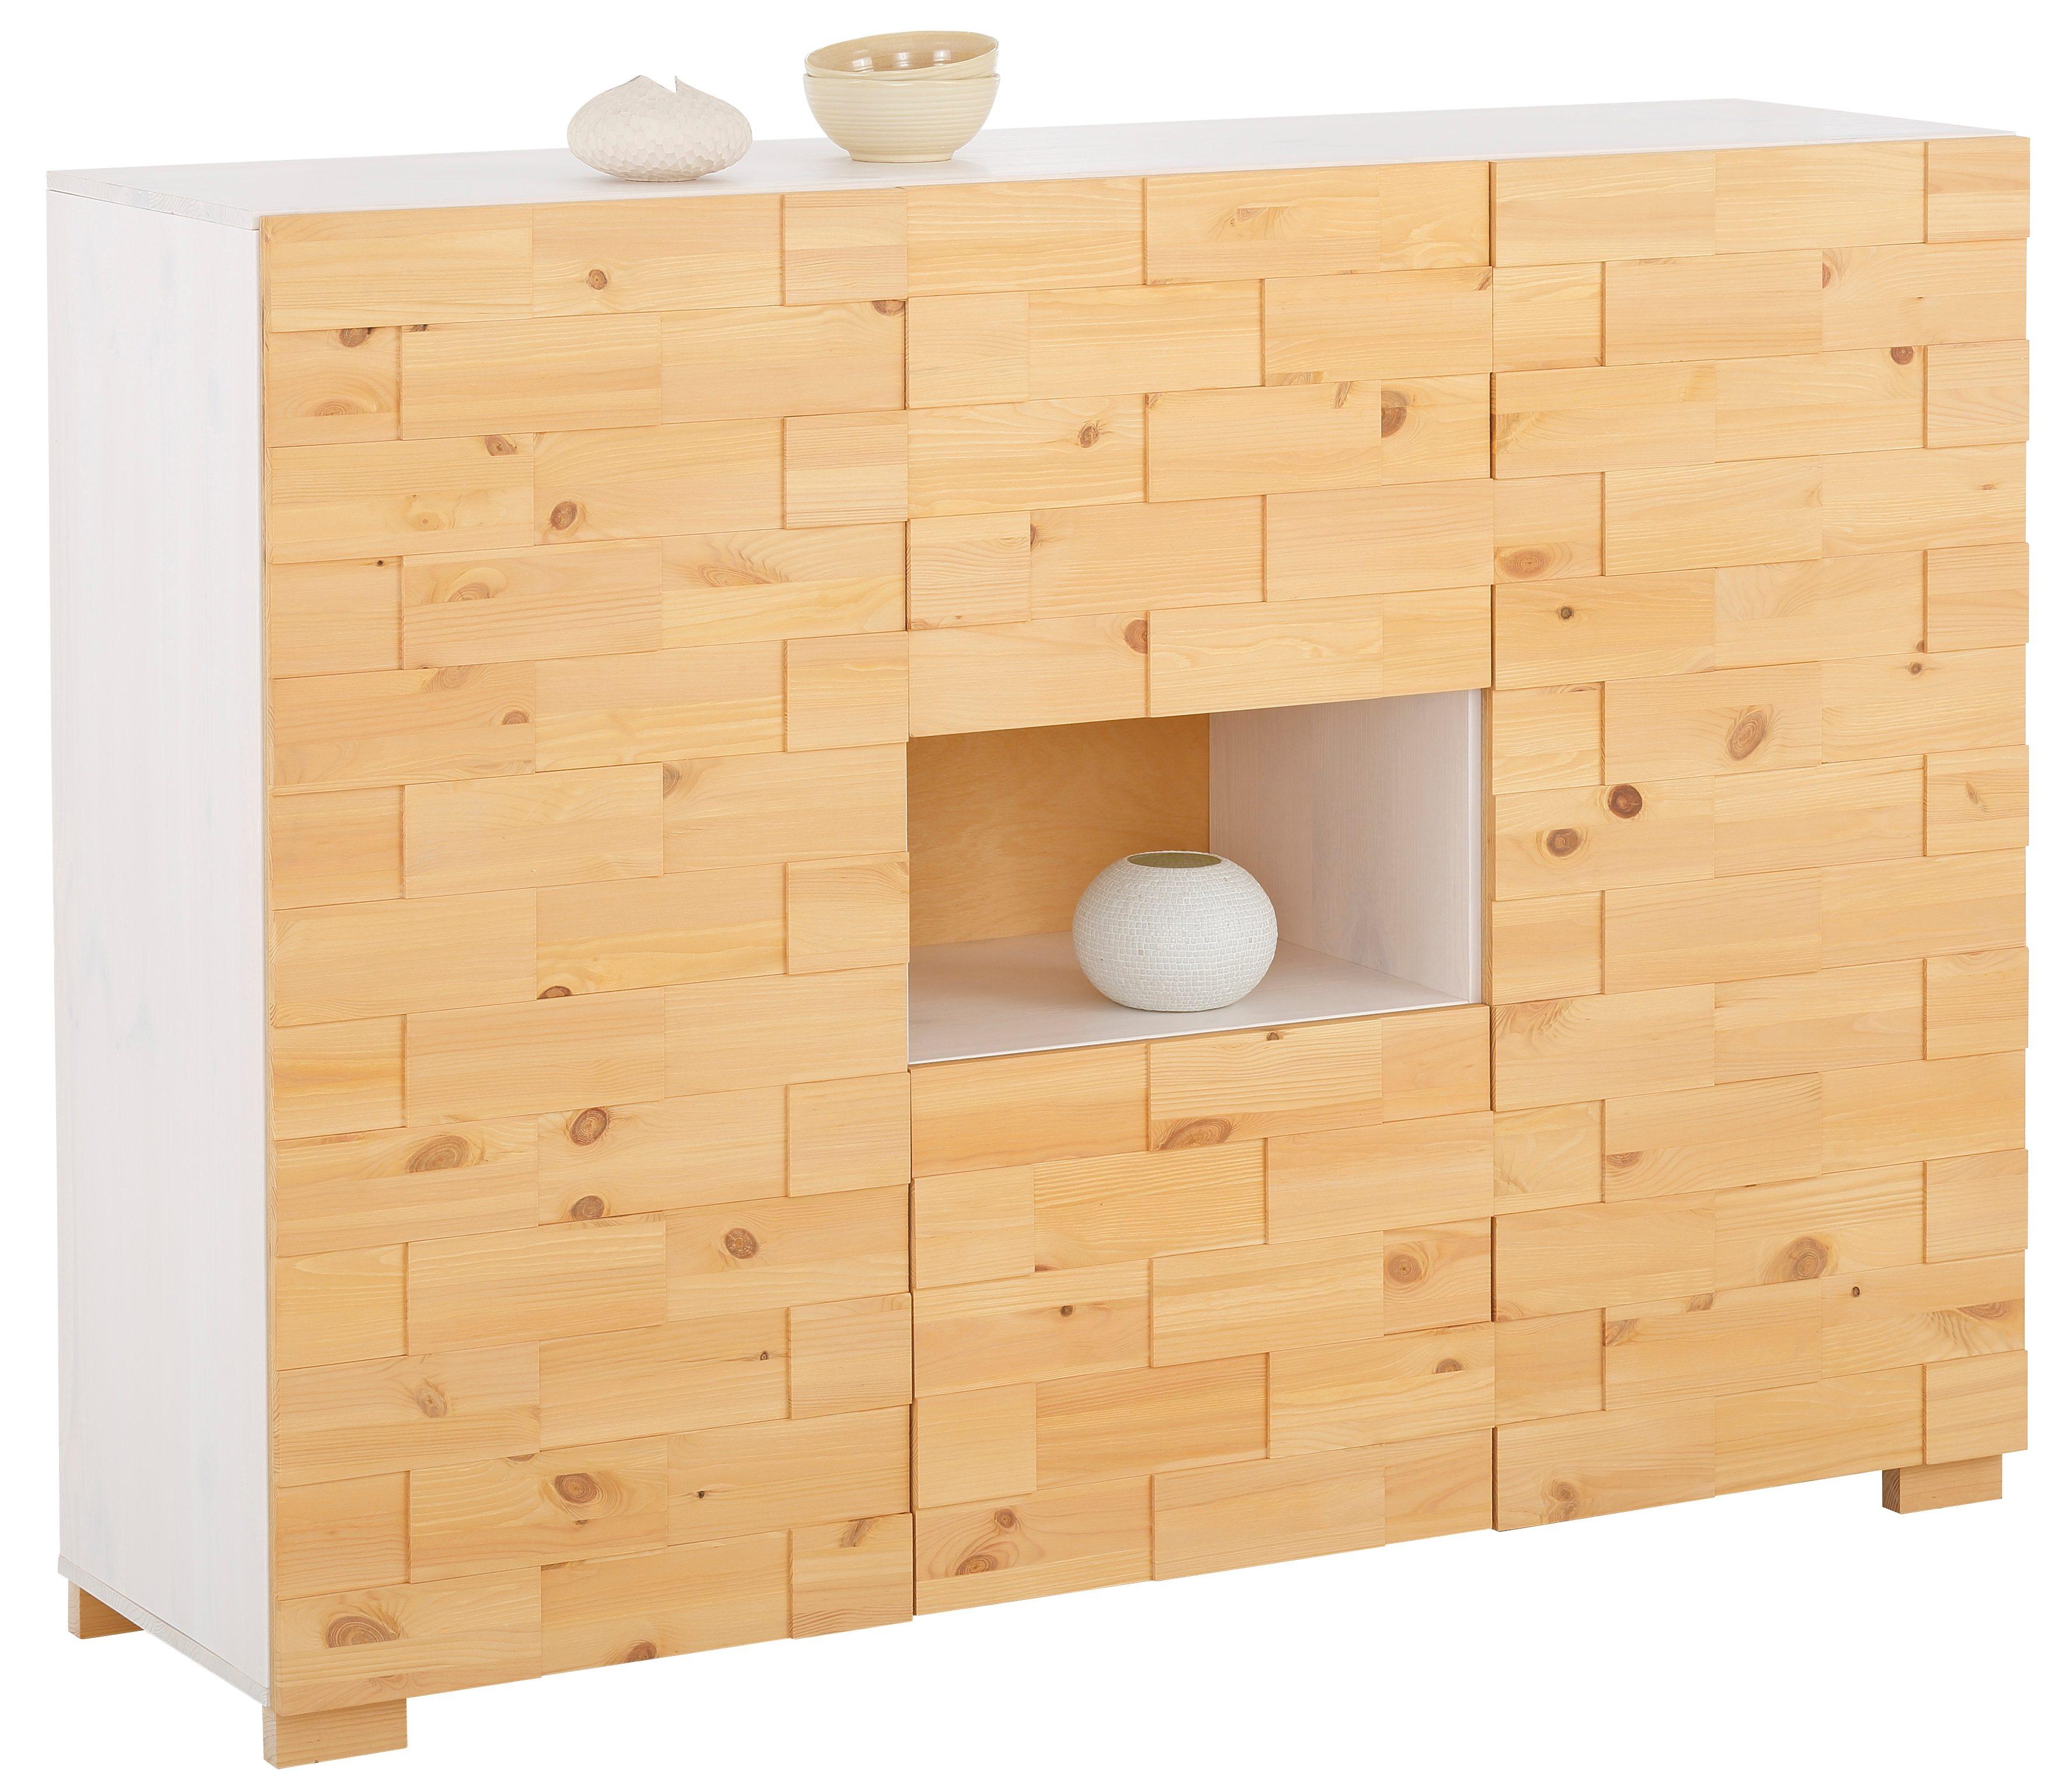 Home affaire Sideboard »Chokolade«, Breite 150 cm